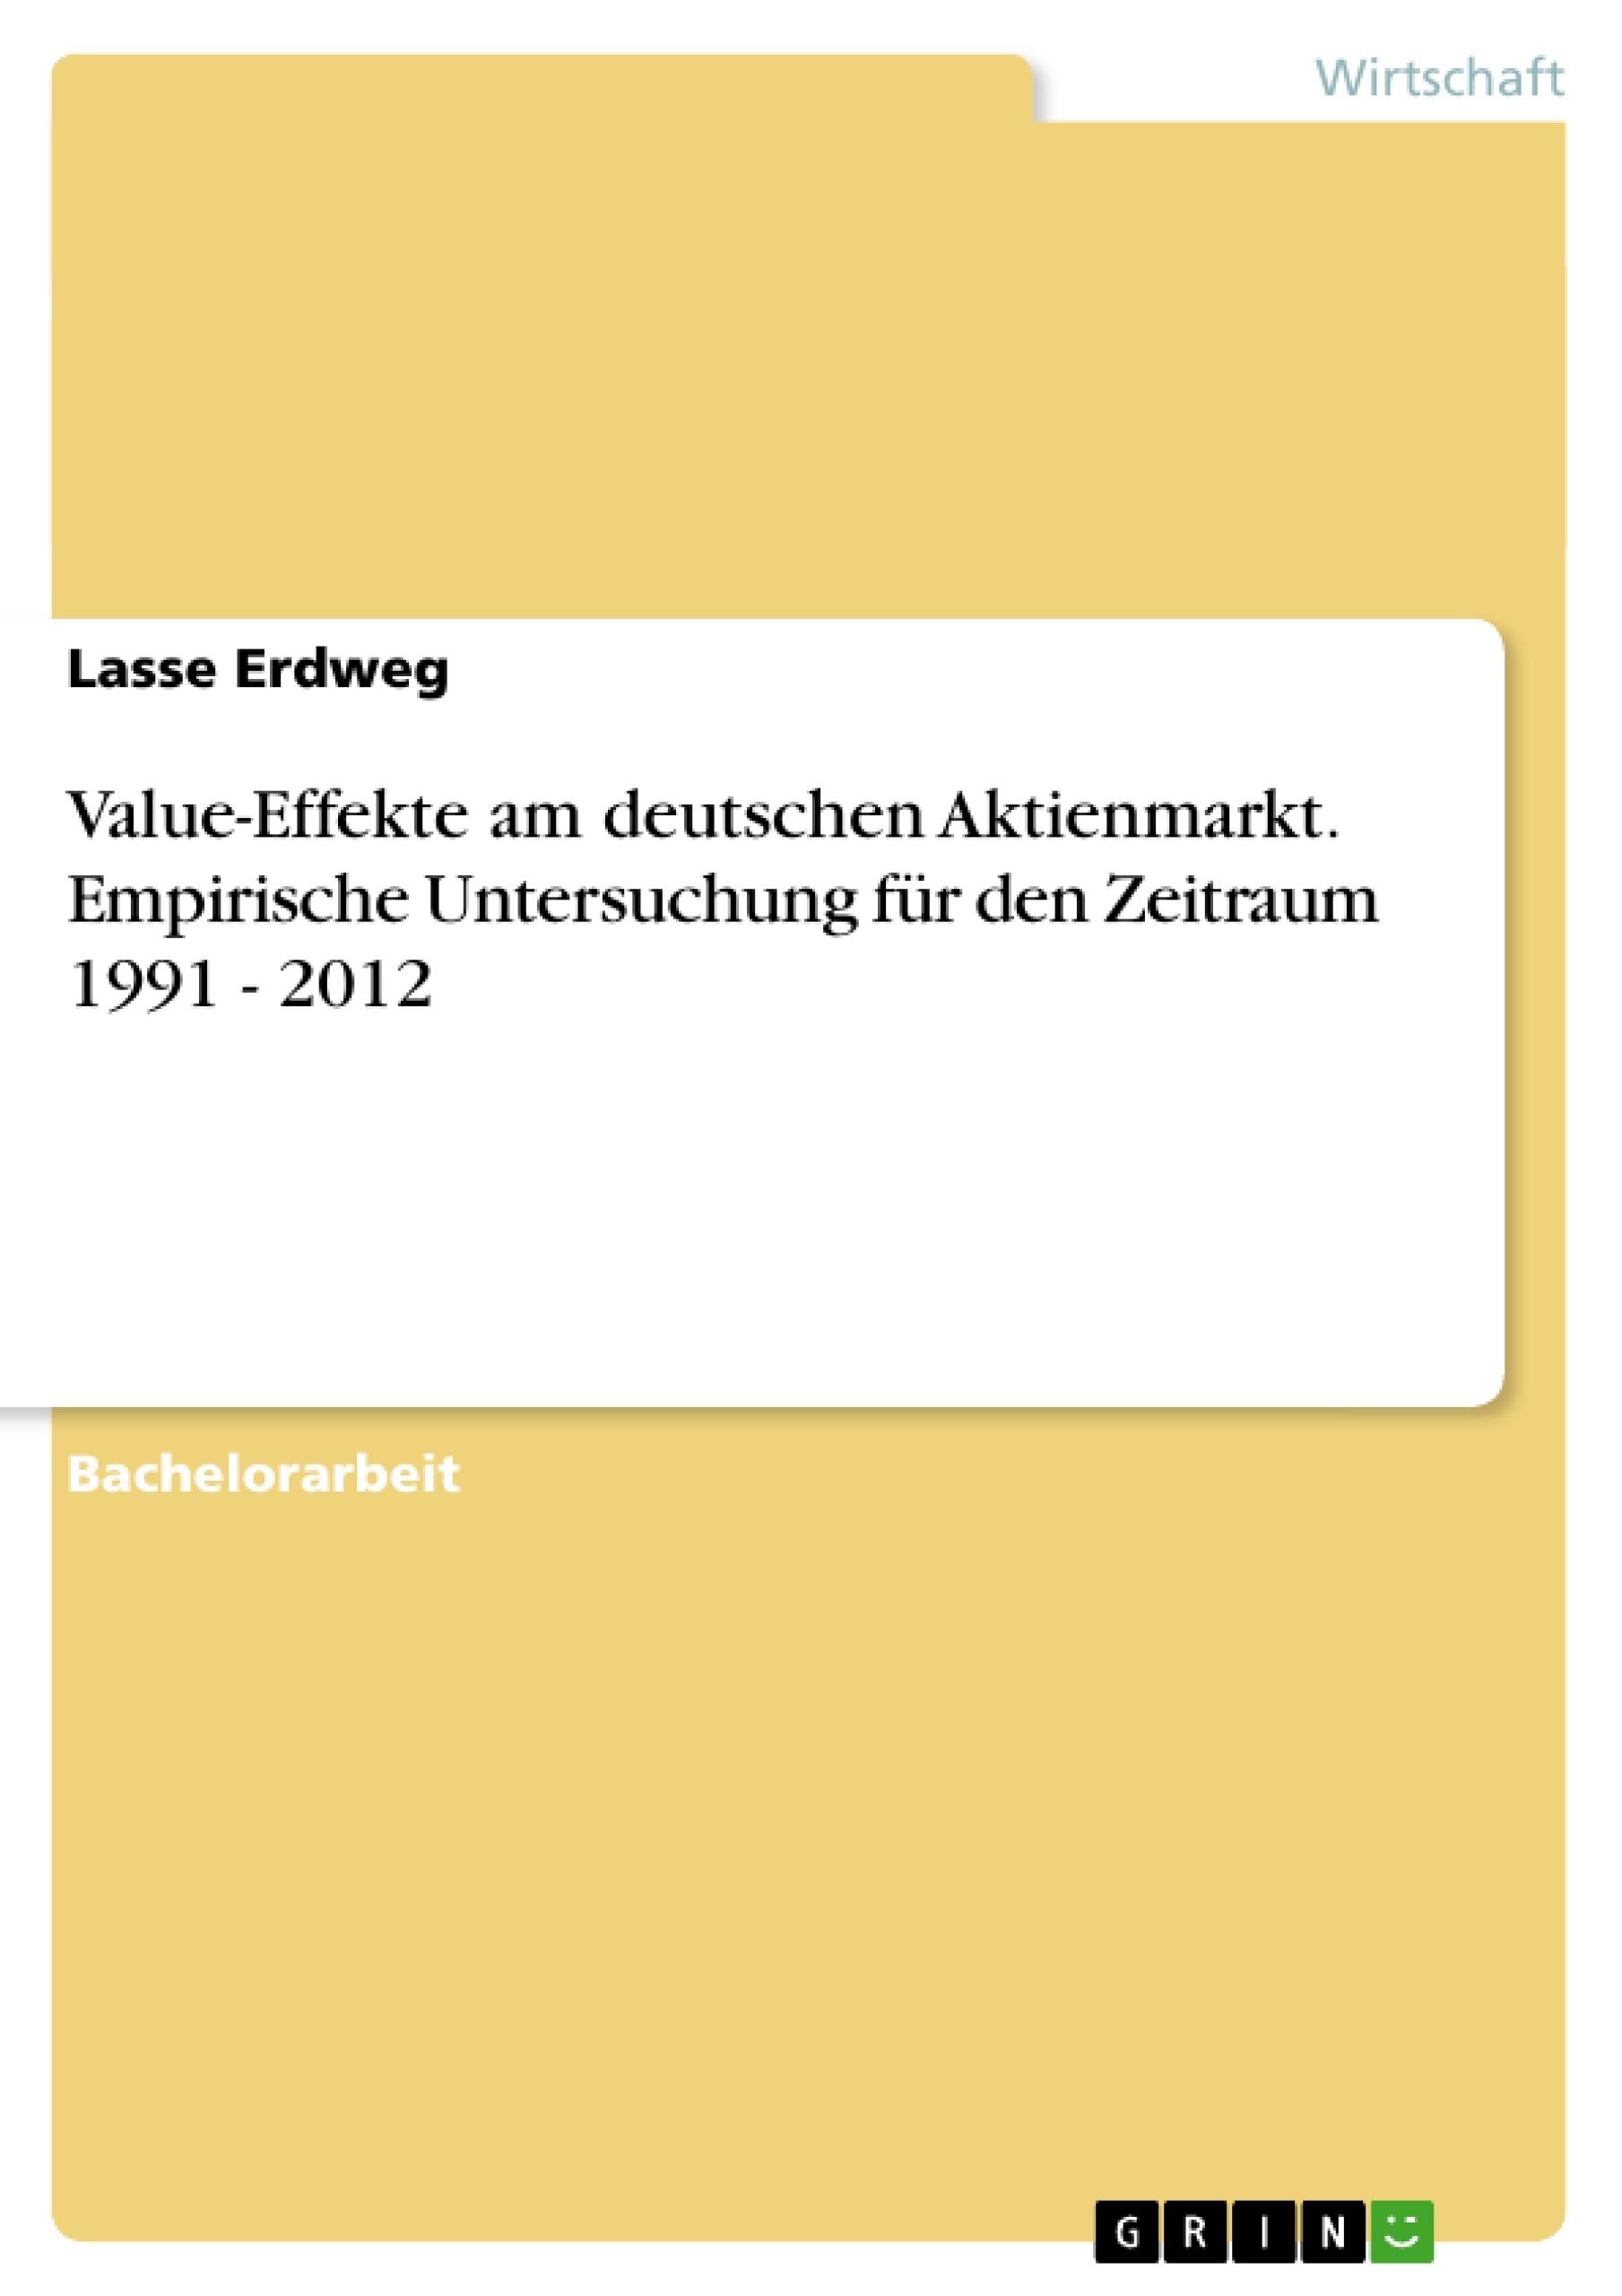 Titel: Value-Effekte am deutschen Aktienmarkt. Empirische Untersuchung für den Zeitraum 1991 - 2012